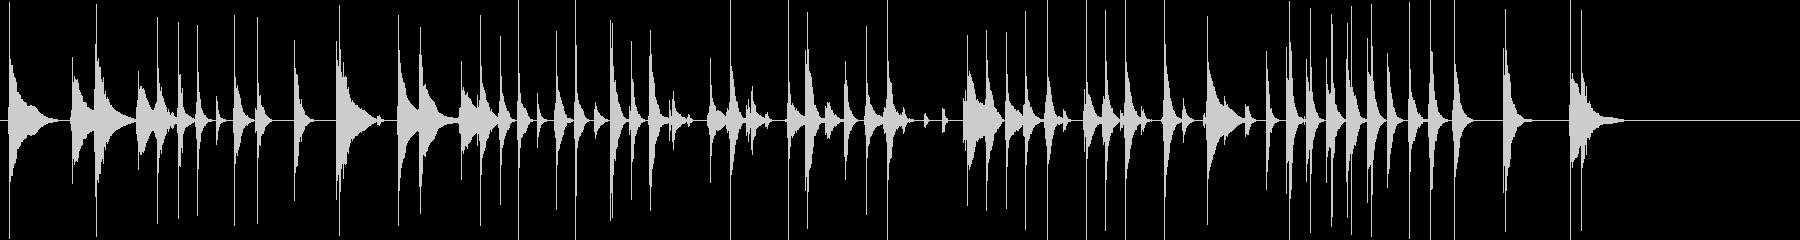 太鼓5三味線31娘道成寺10日本レビューの未再生の波形